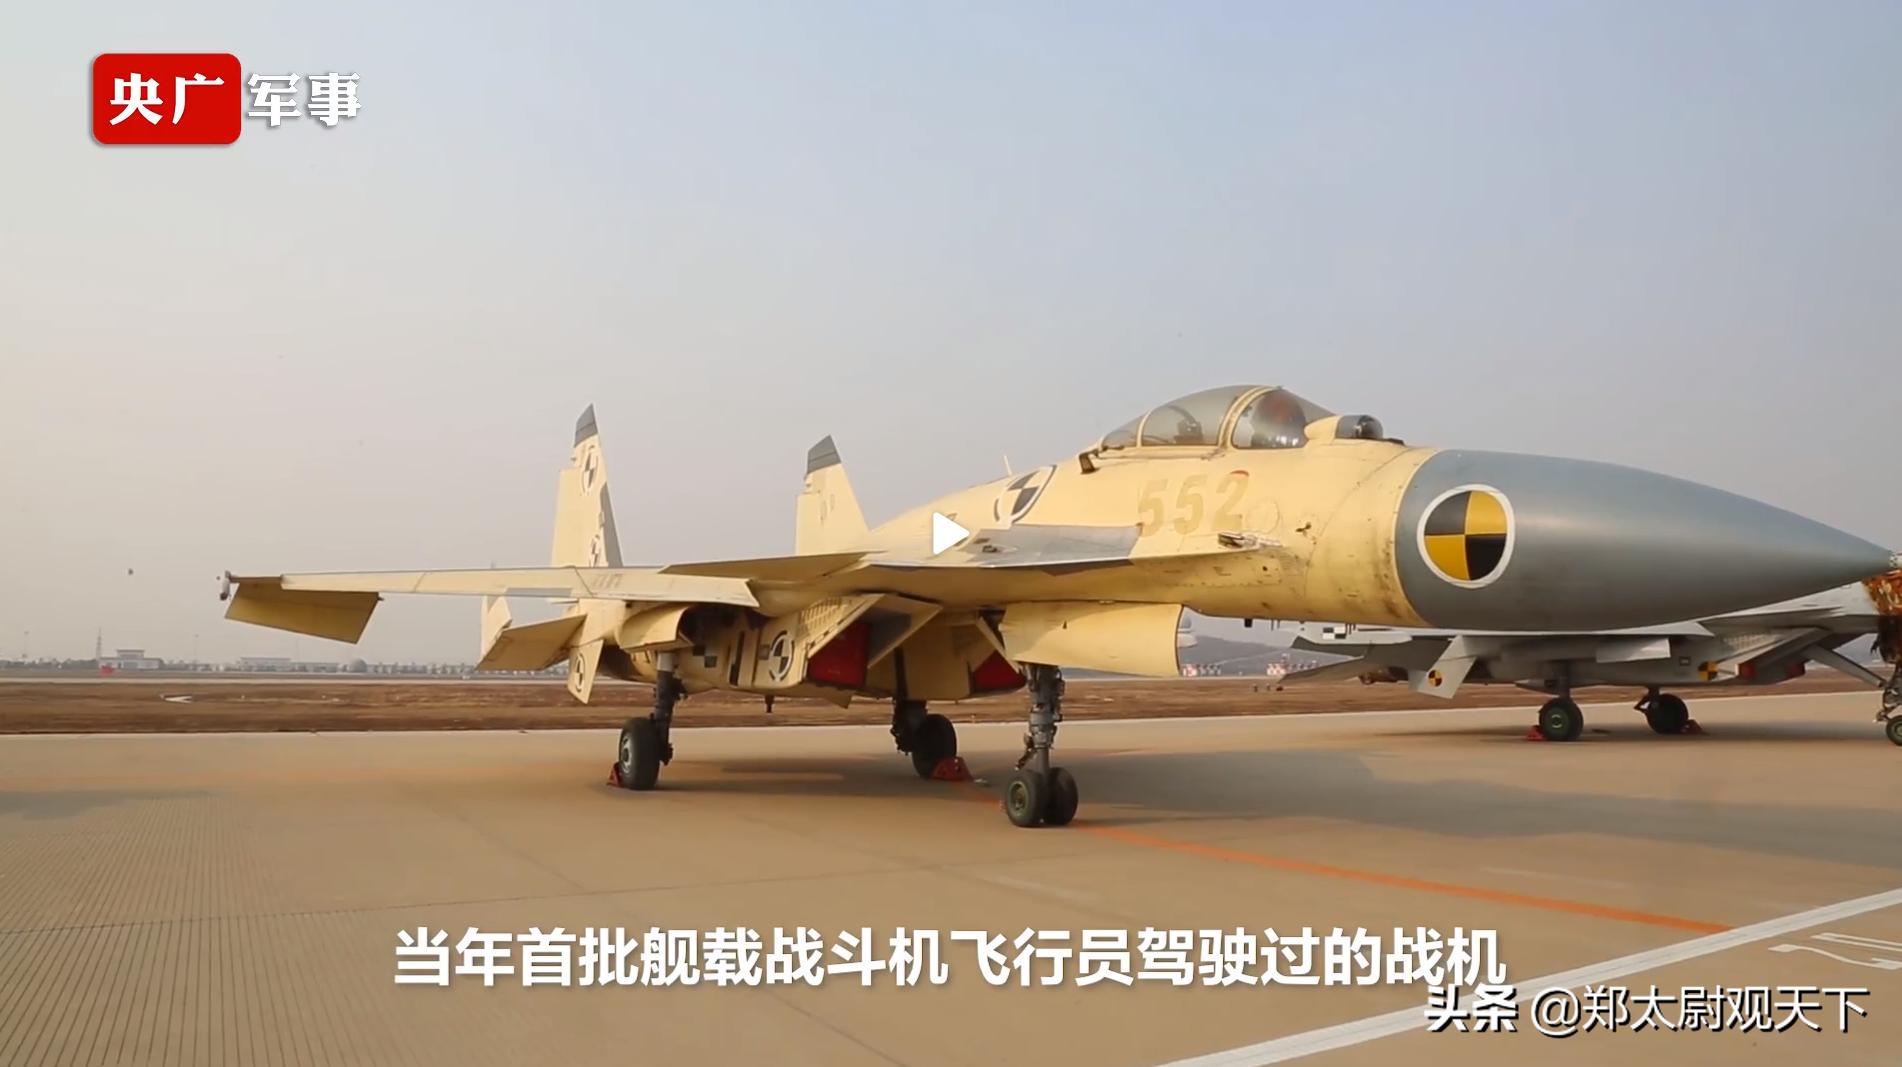 弹射J-15曝光,至少2架!美媒:中方航母计划发展速度惊人